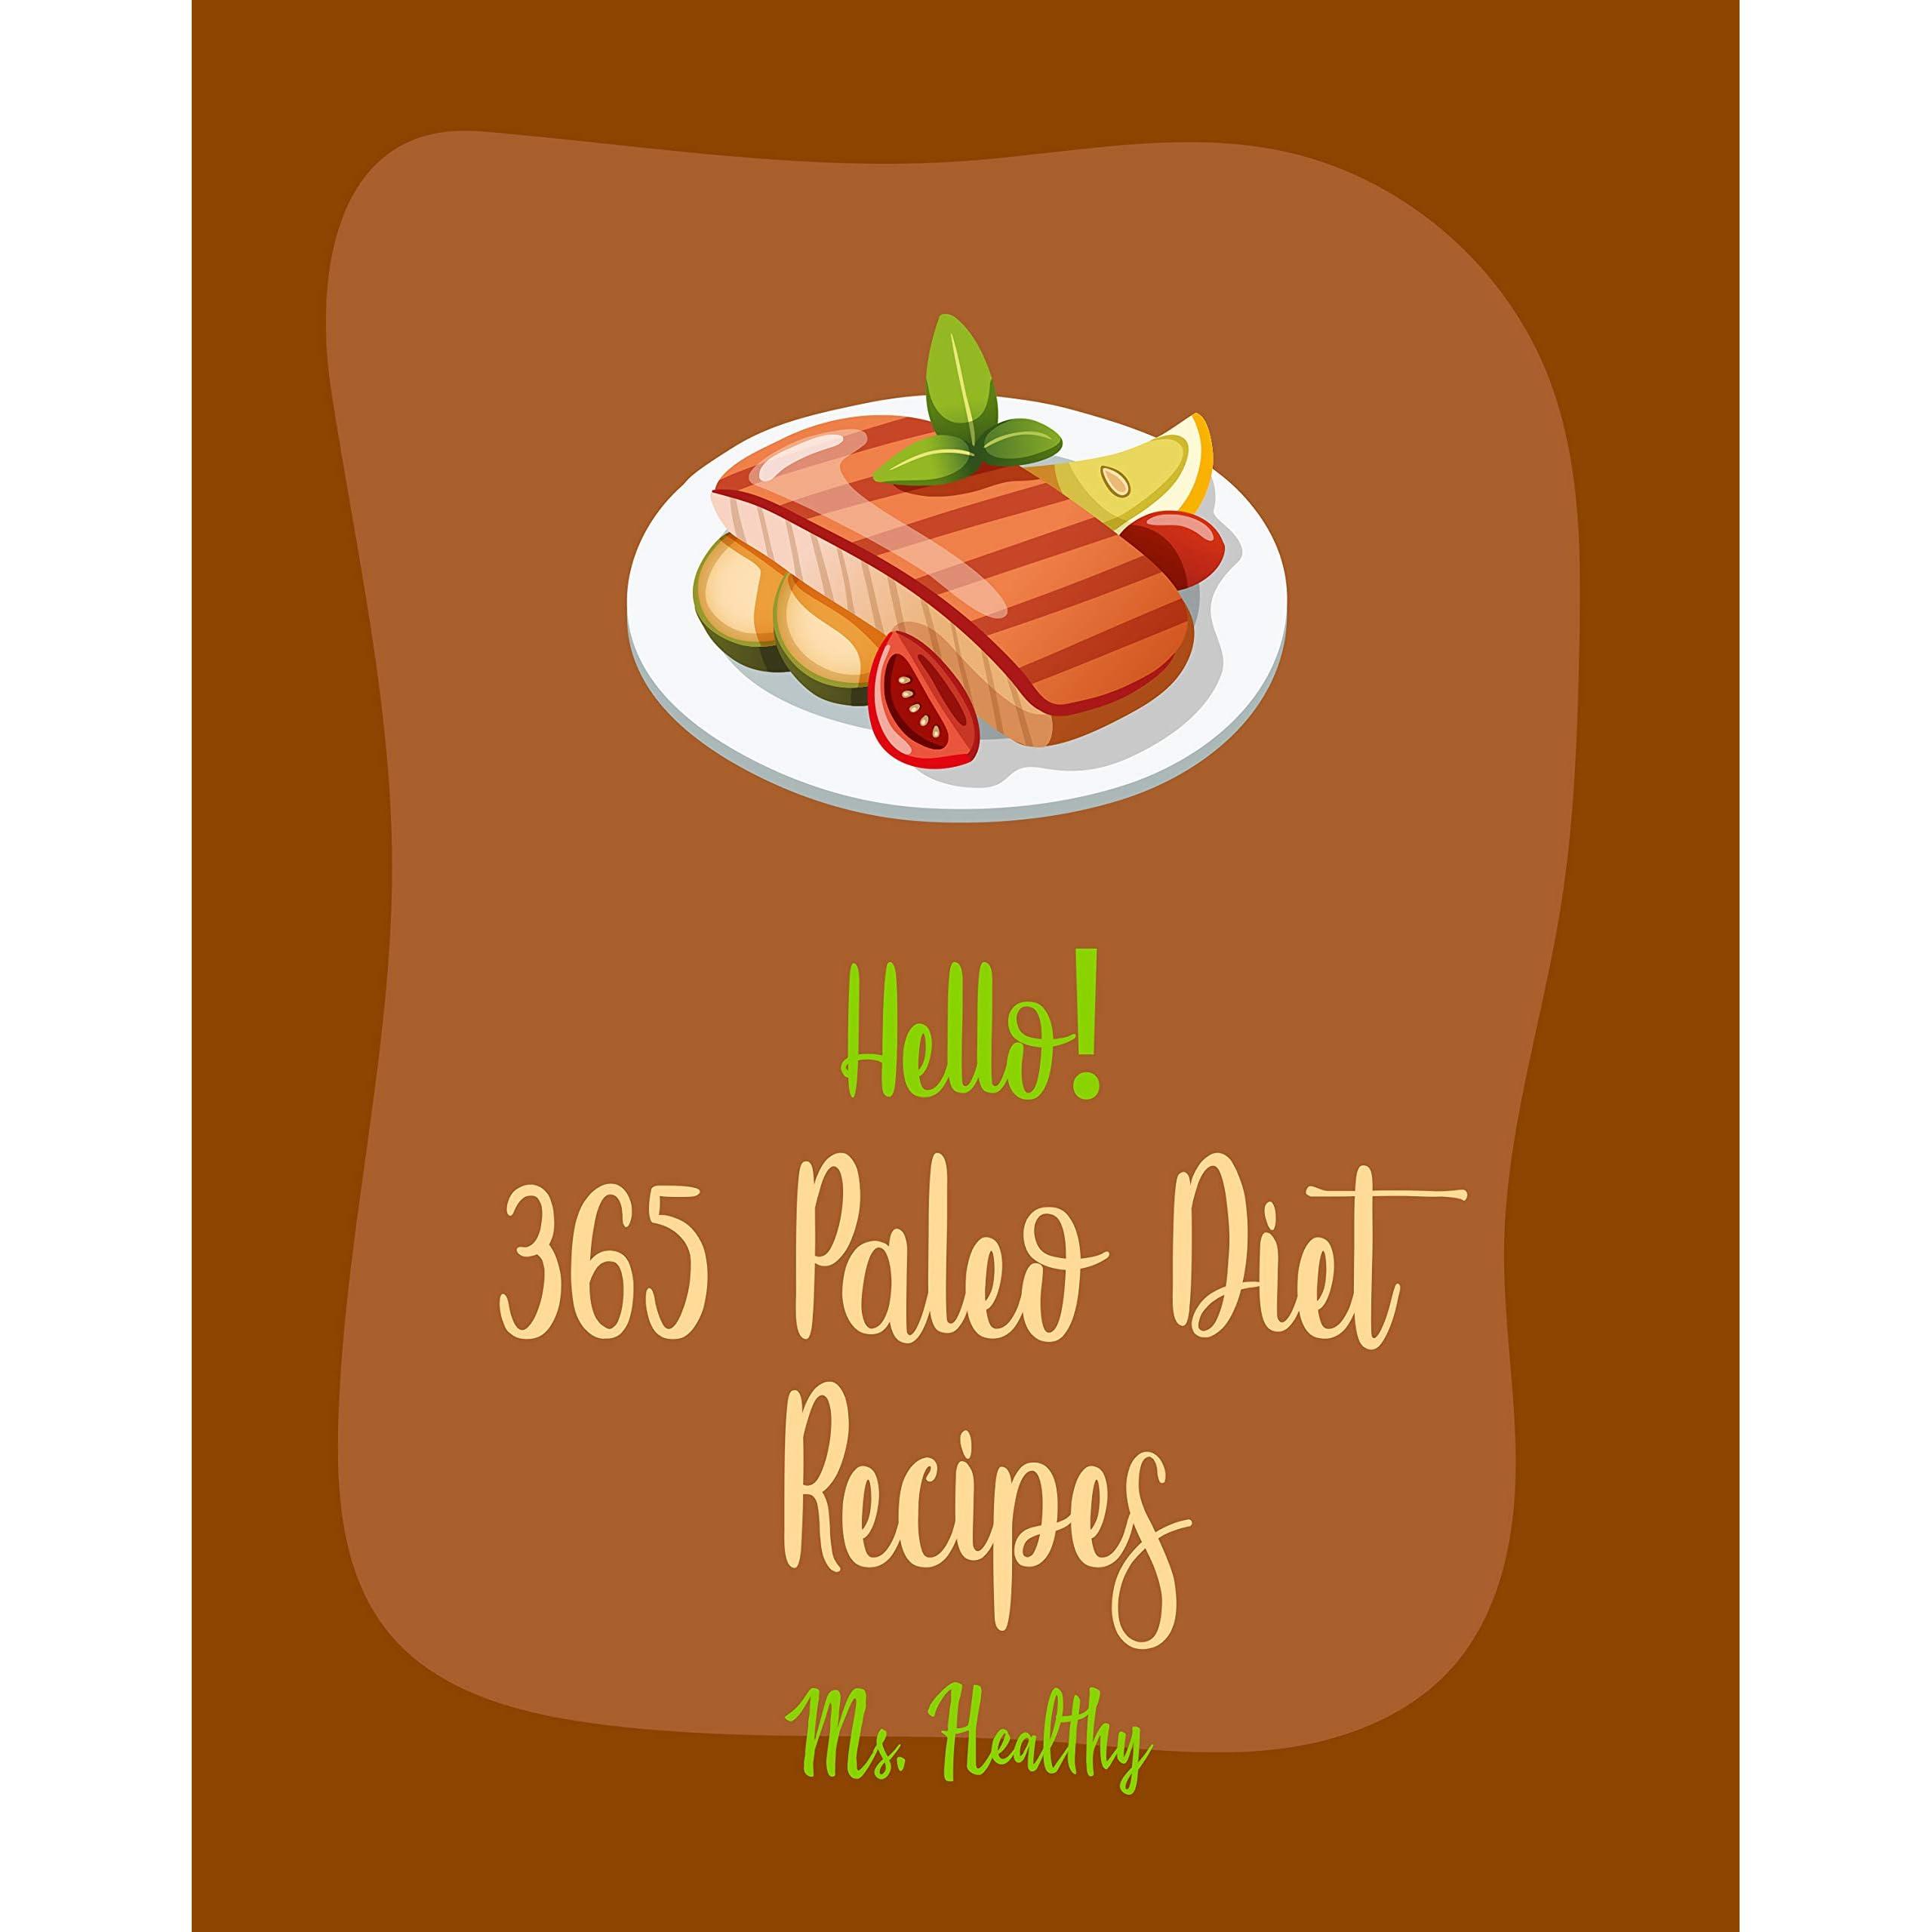 Hello 365 Paleo Diet Recipes Best Paleo Diet Cookbook Ever For Beginners Paleo Grilling Cookbook Baked Chicken Recipes Mediterranean Paleo Diet Cookbook Slow Cooked Paleo Cookbook Book 1 By Ms Healthy